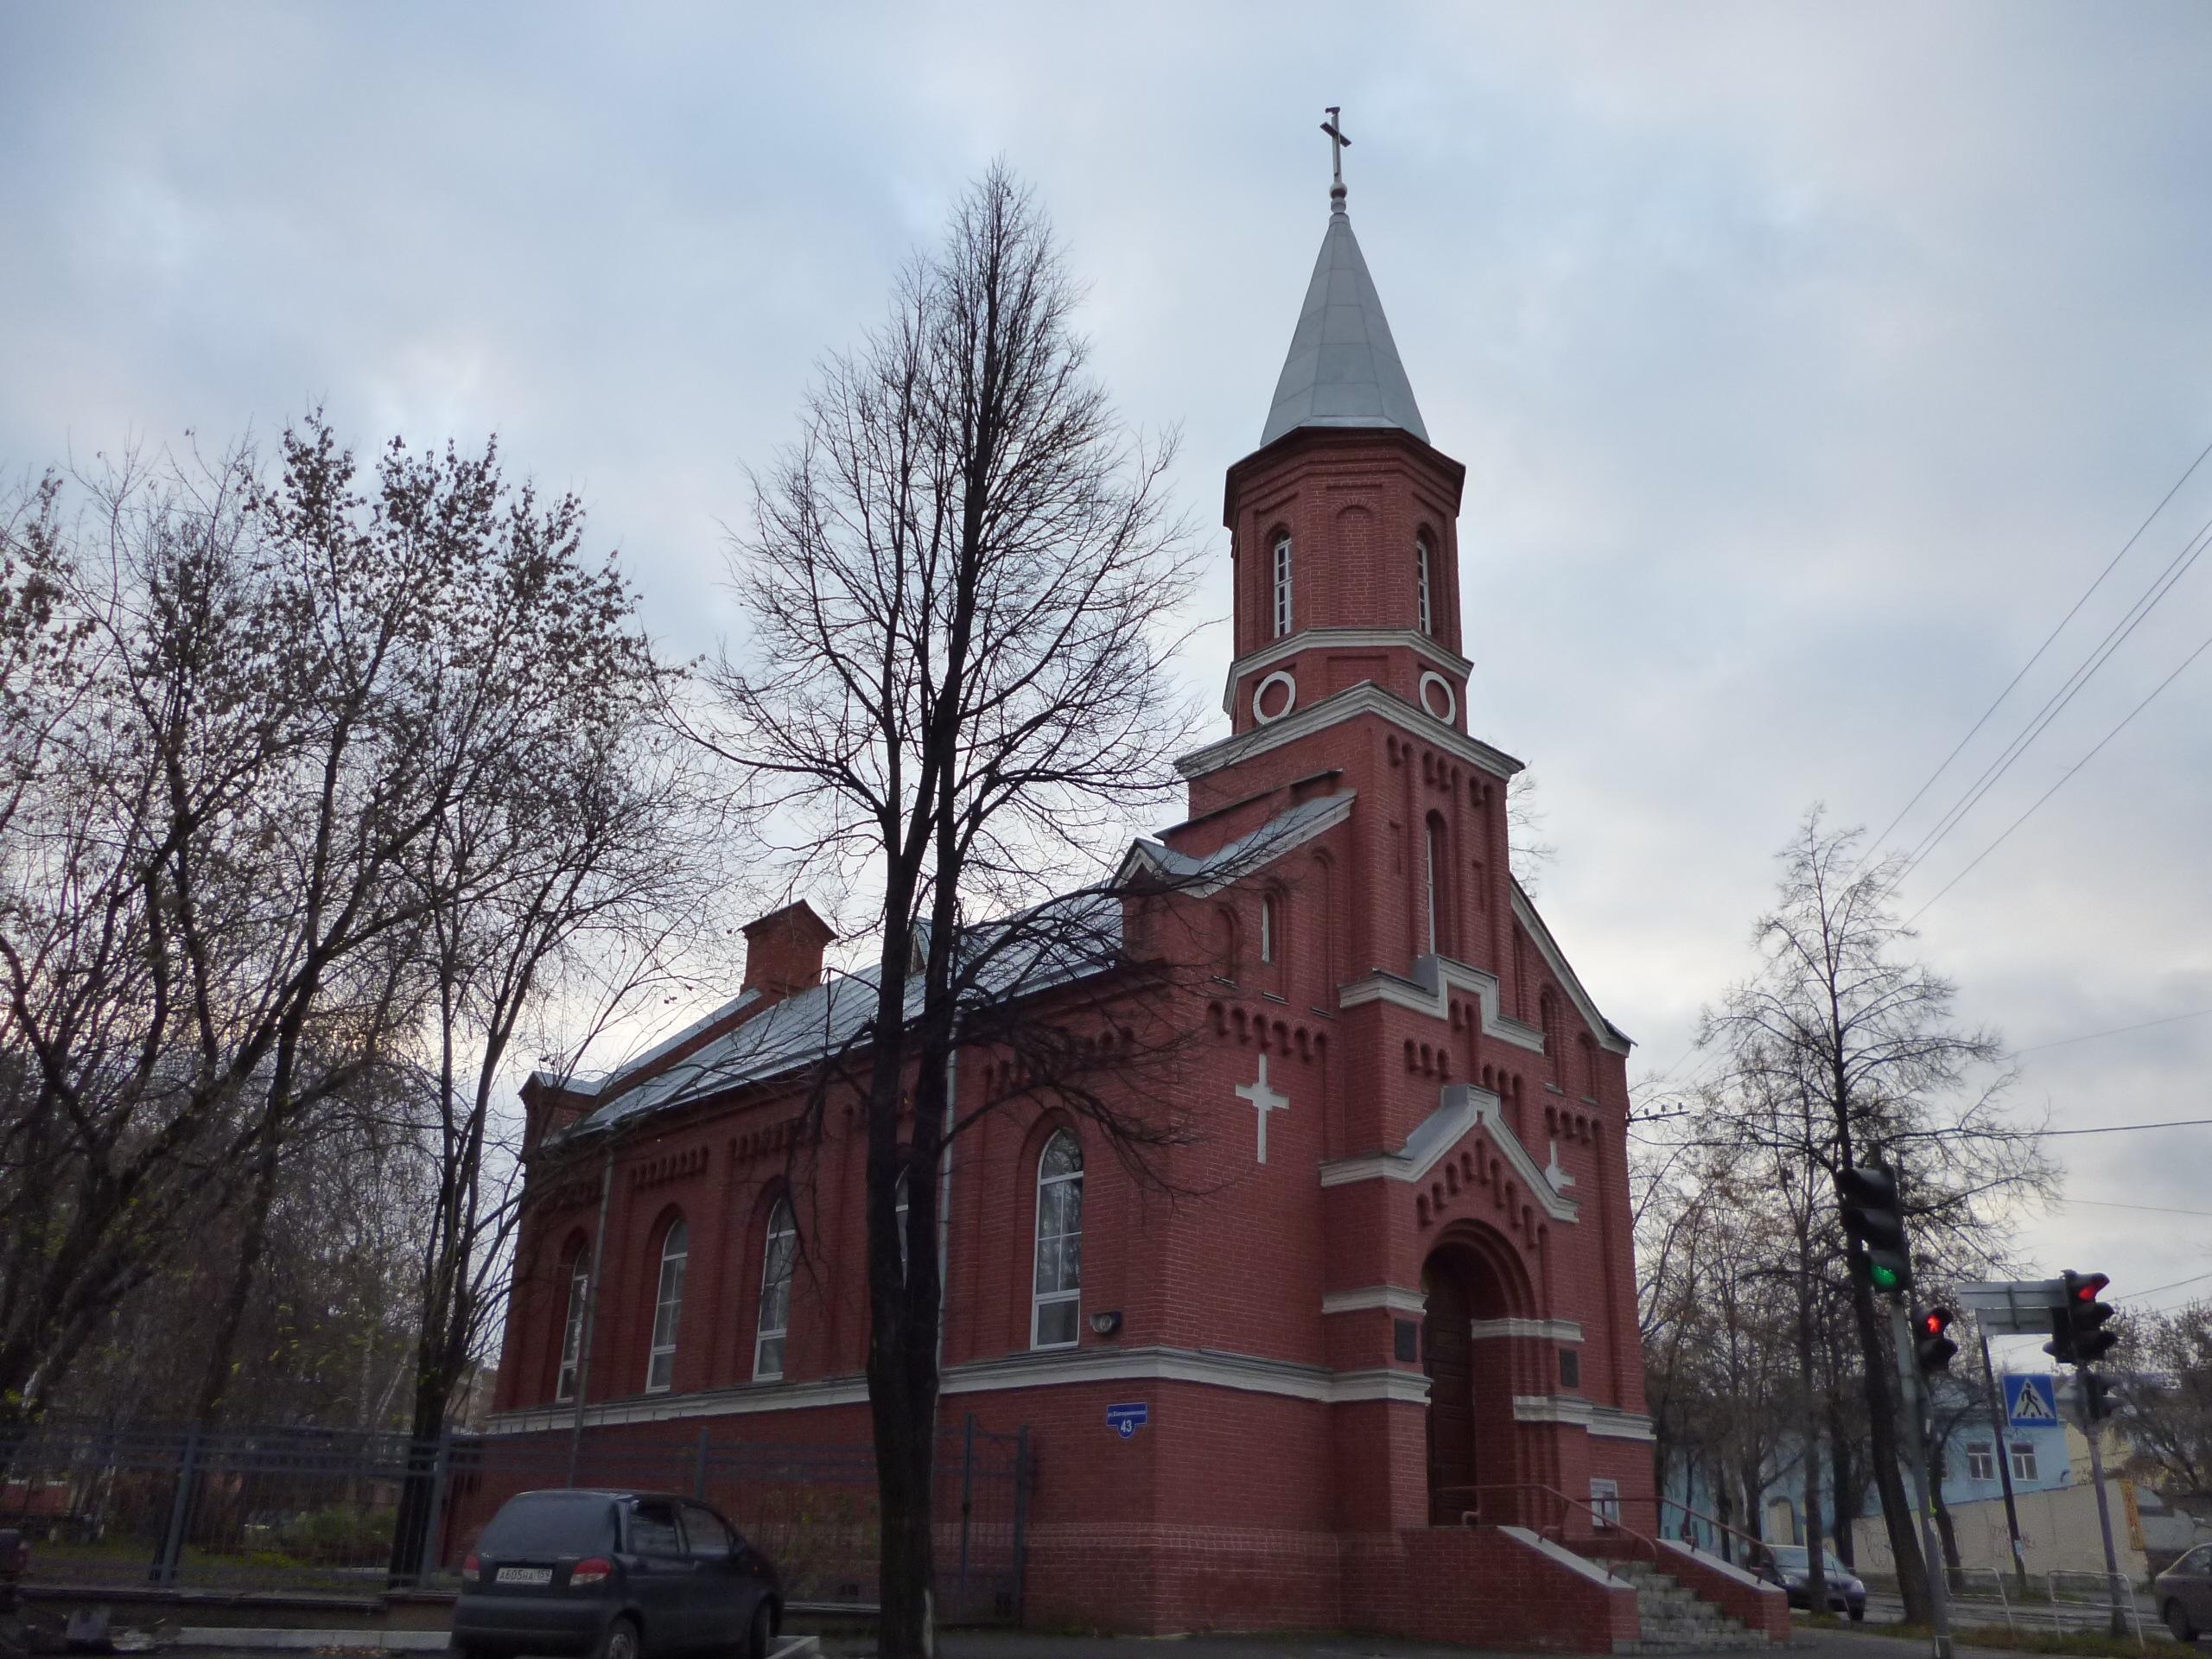 Евангелическо-лютеранская церковь святой екатерины в санкт-петербурге